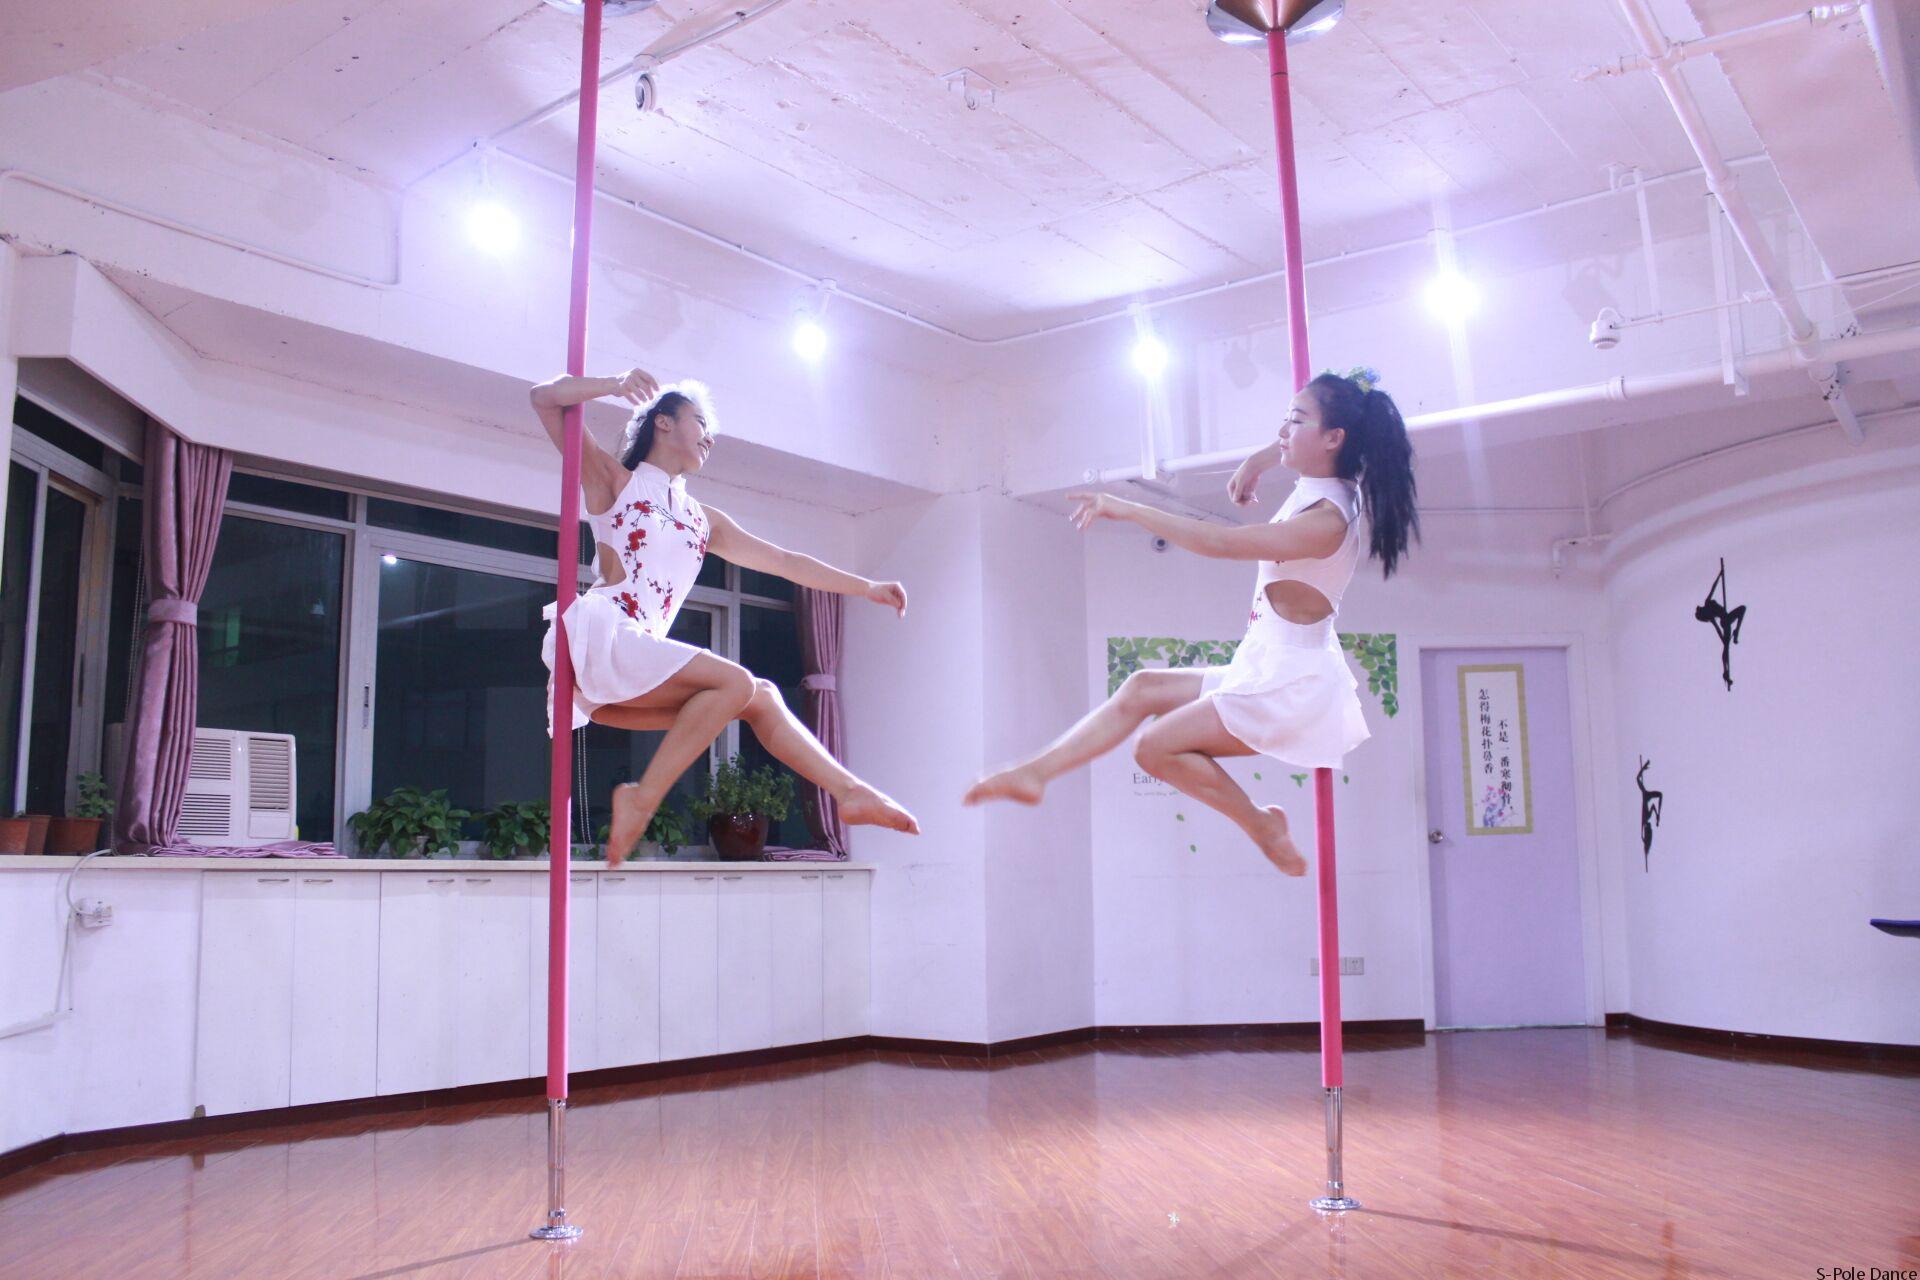 视频: 钢管舞教学之断桥伞-古典风格系列